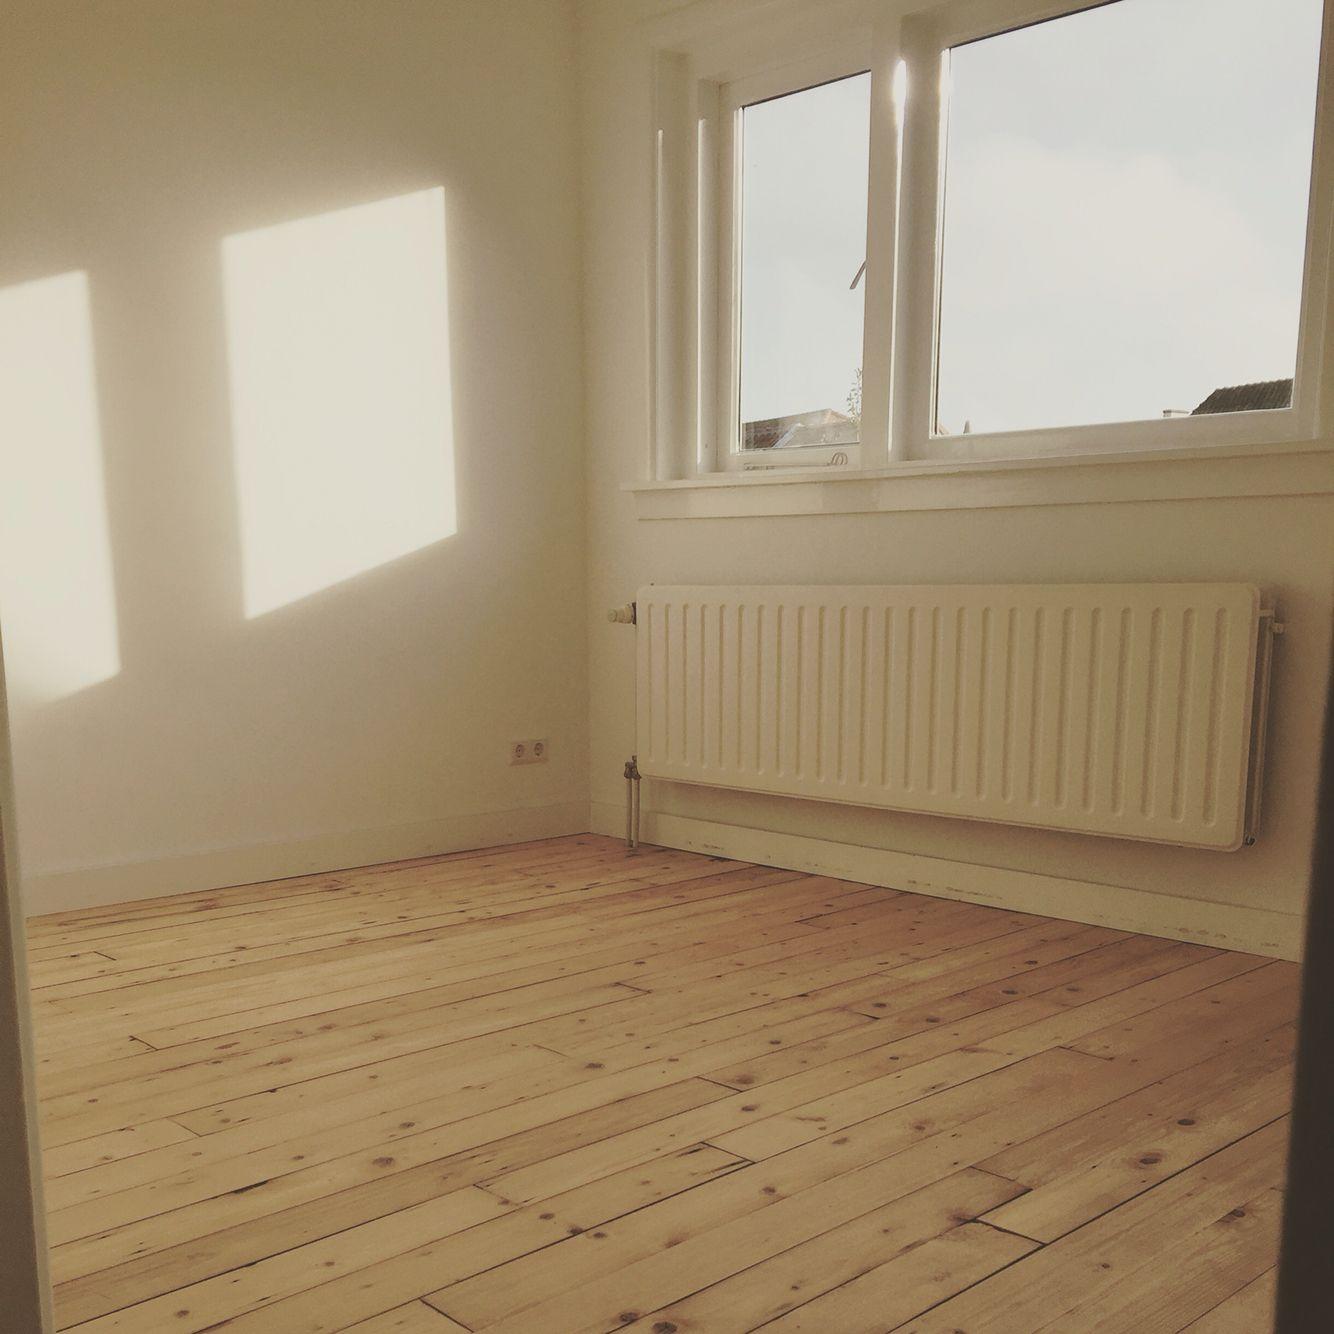 antiek grenen vloer behandeld met glitsa matte lak floors i